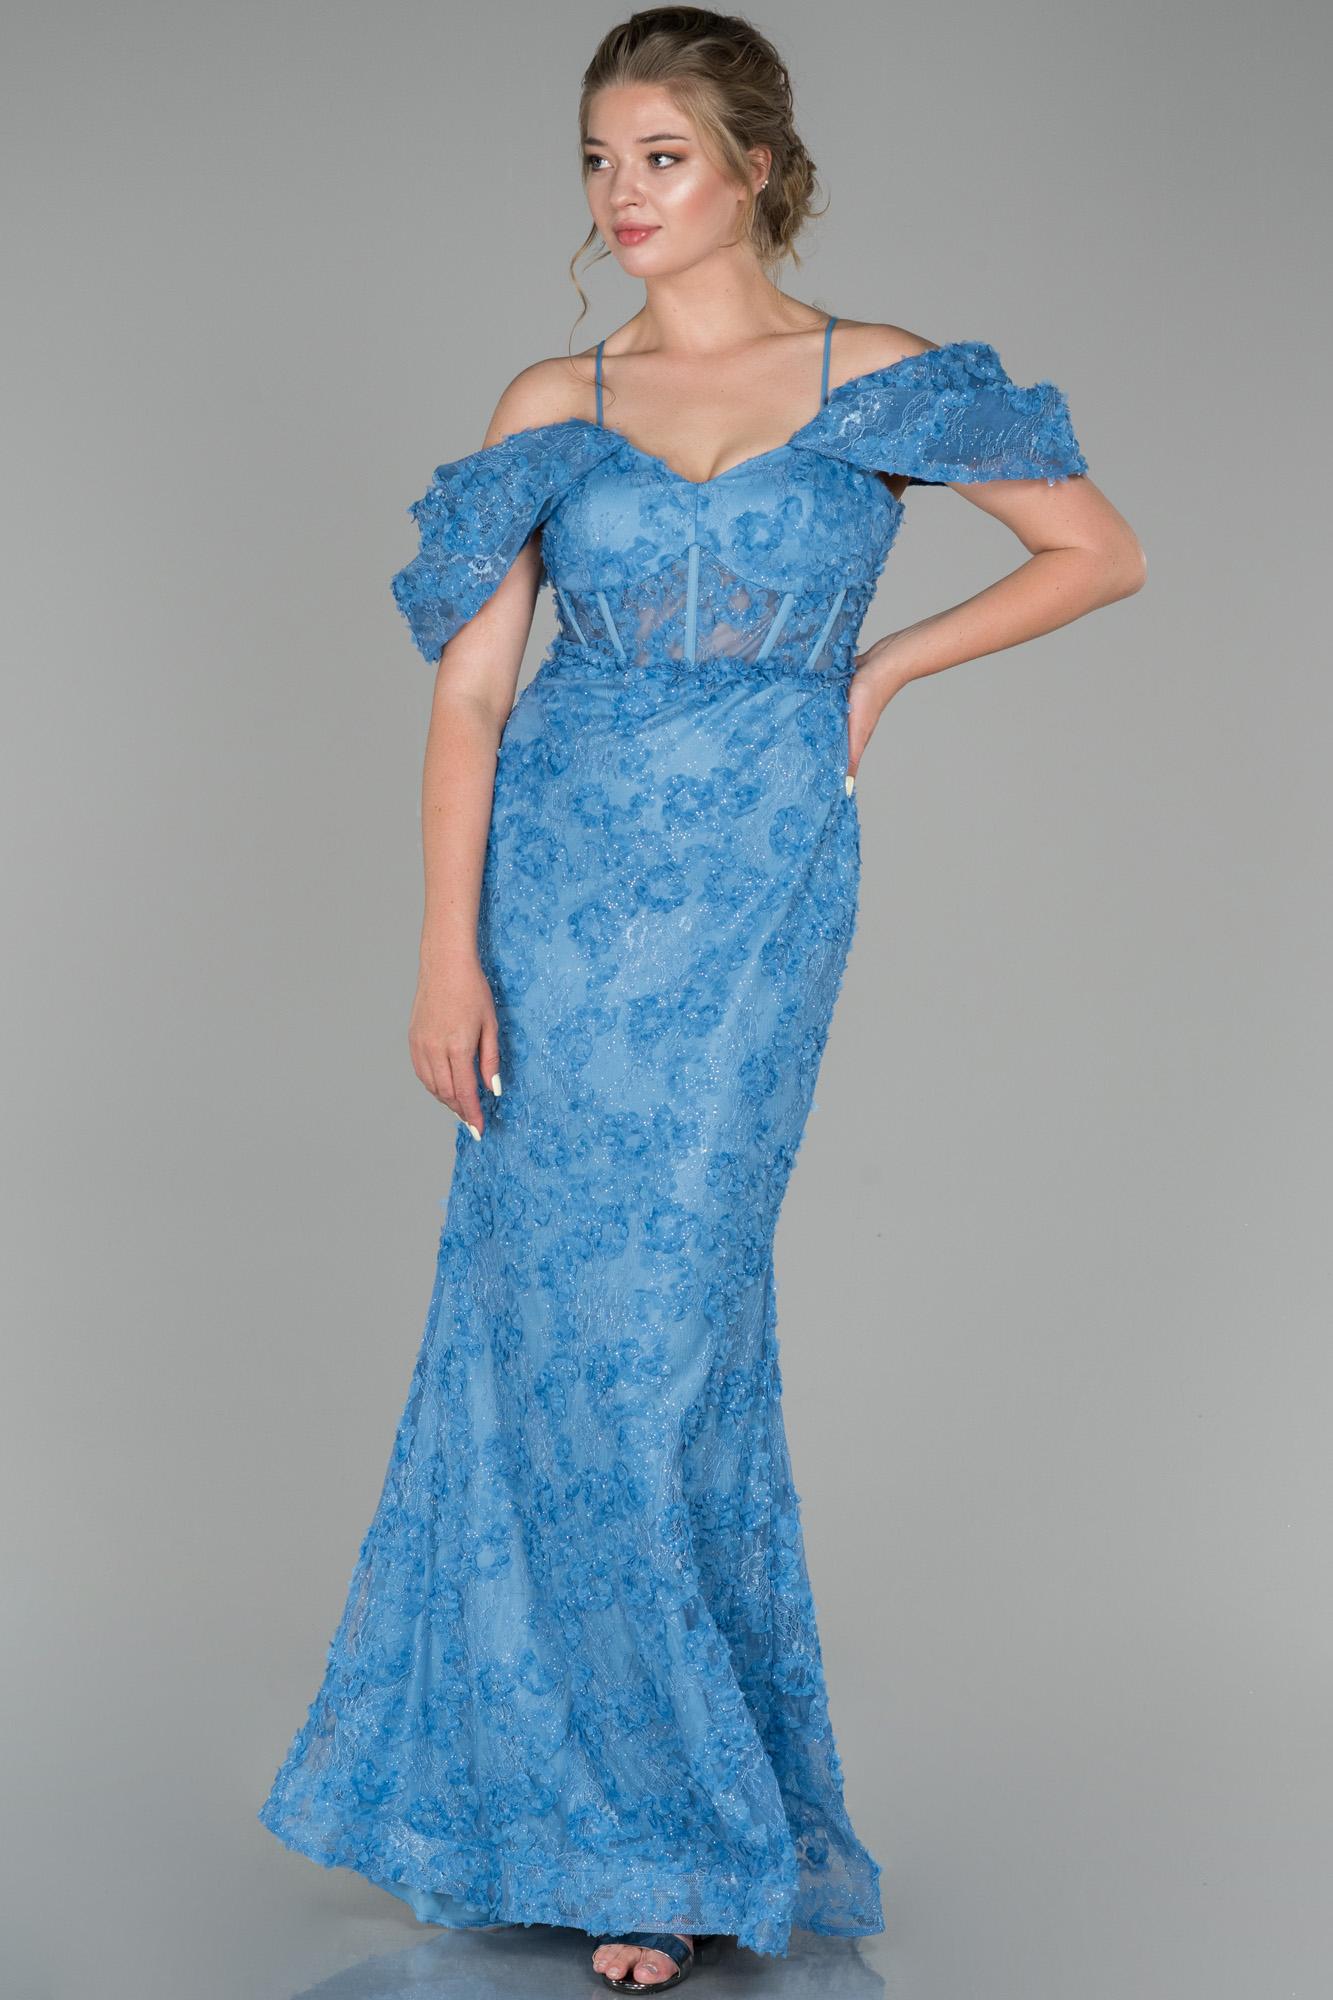 Indigo Kol Detaylı Balık Abiye Elbise